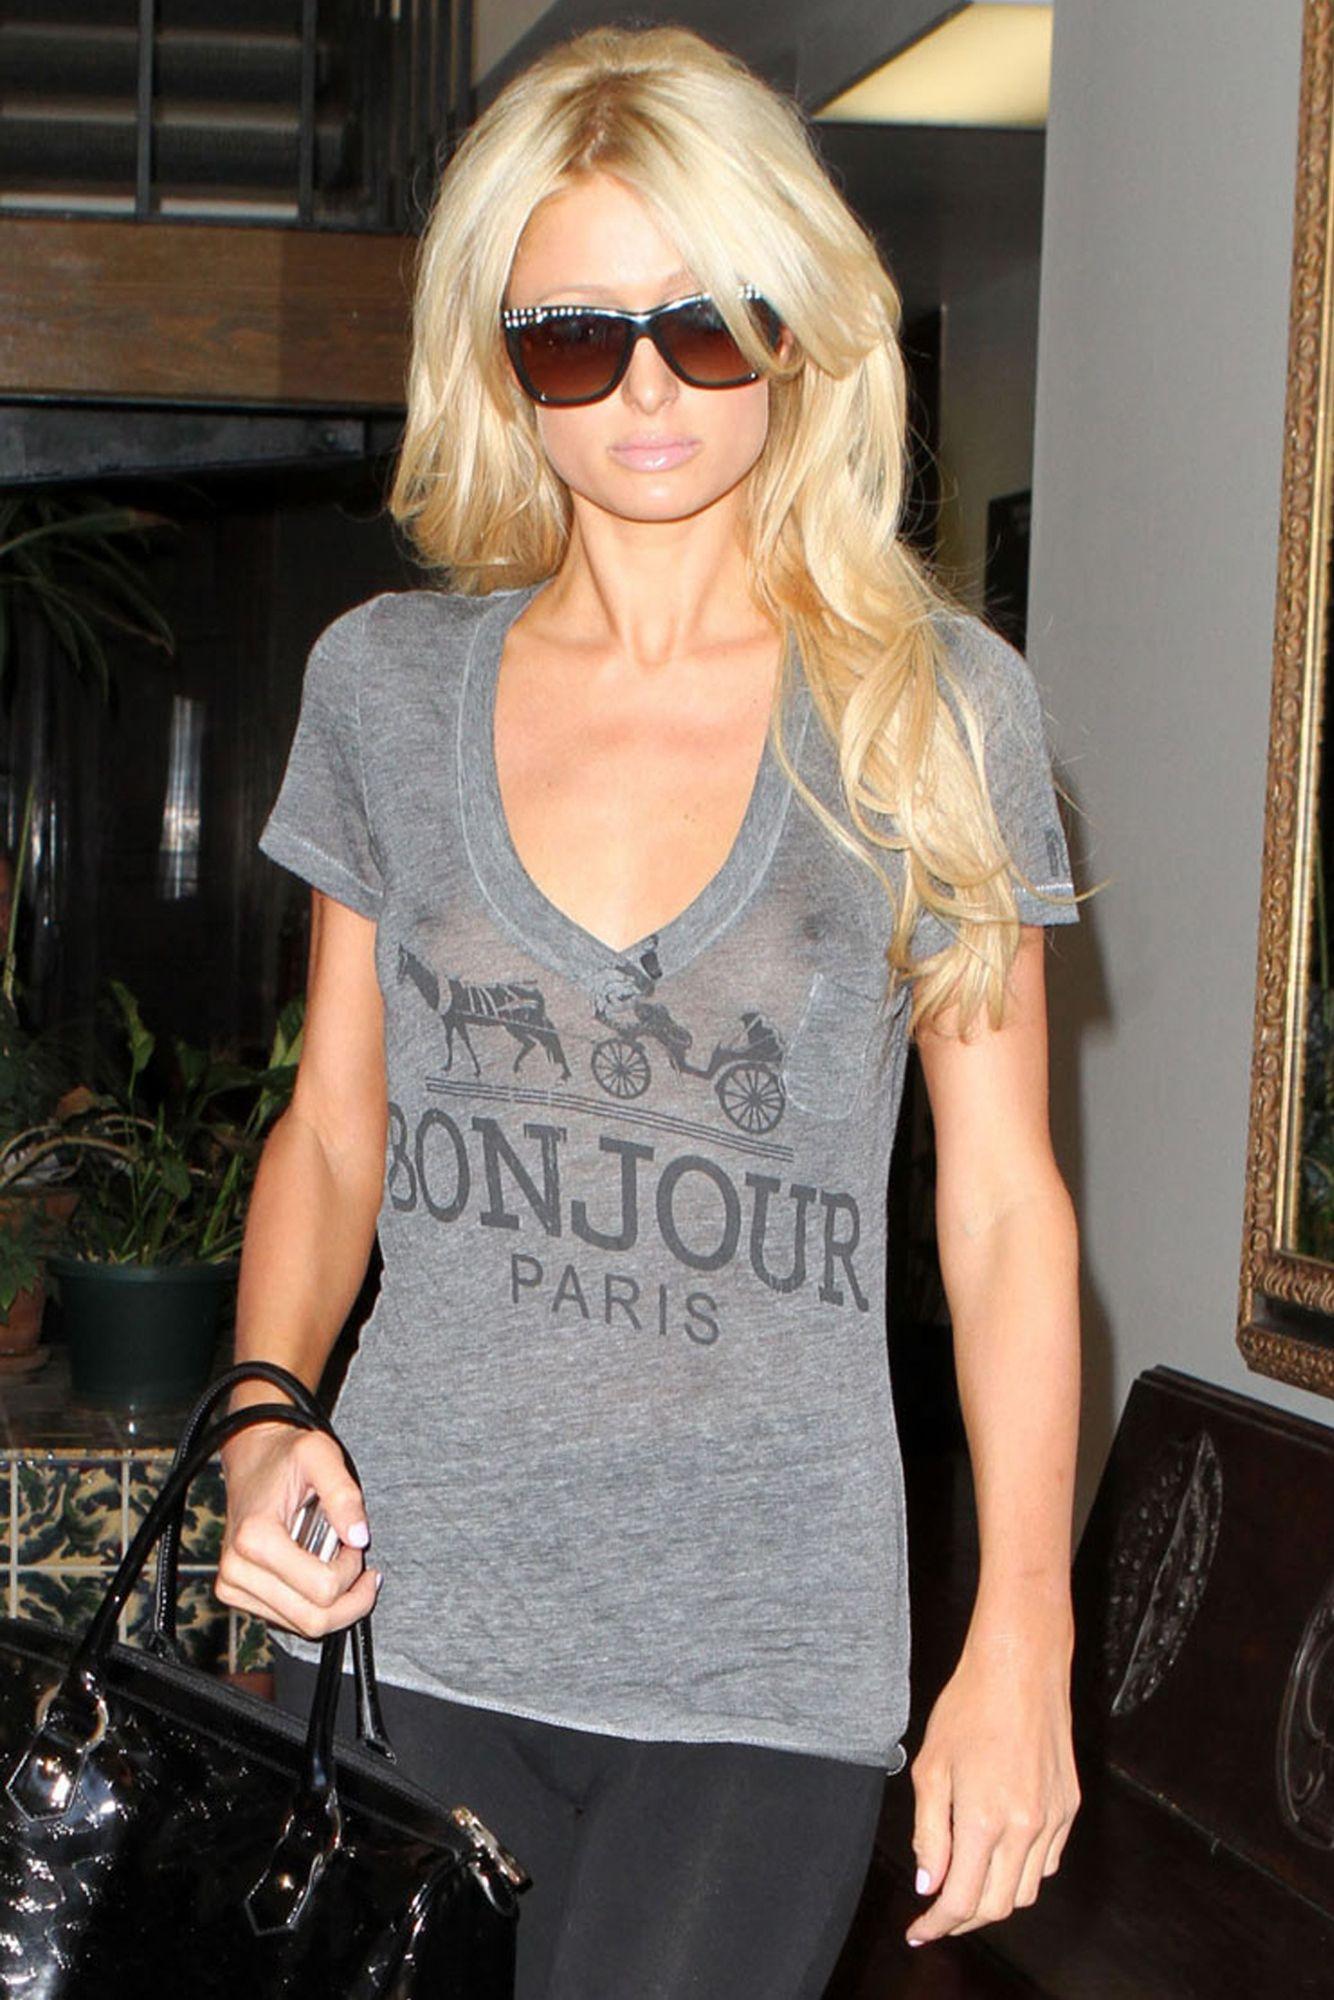 Paris Hilton shaved pussy